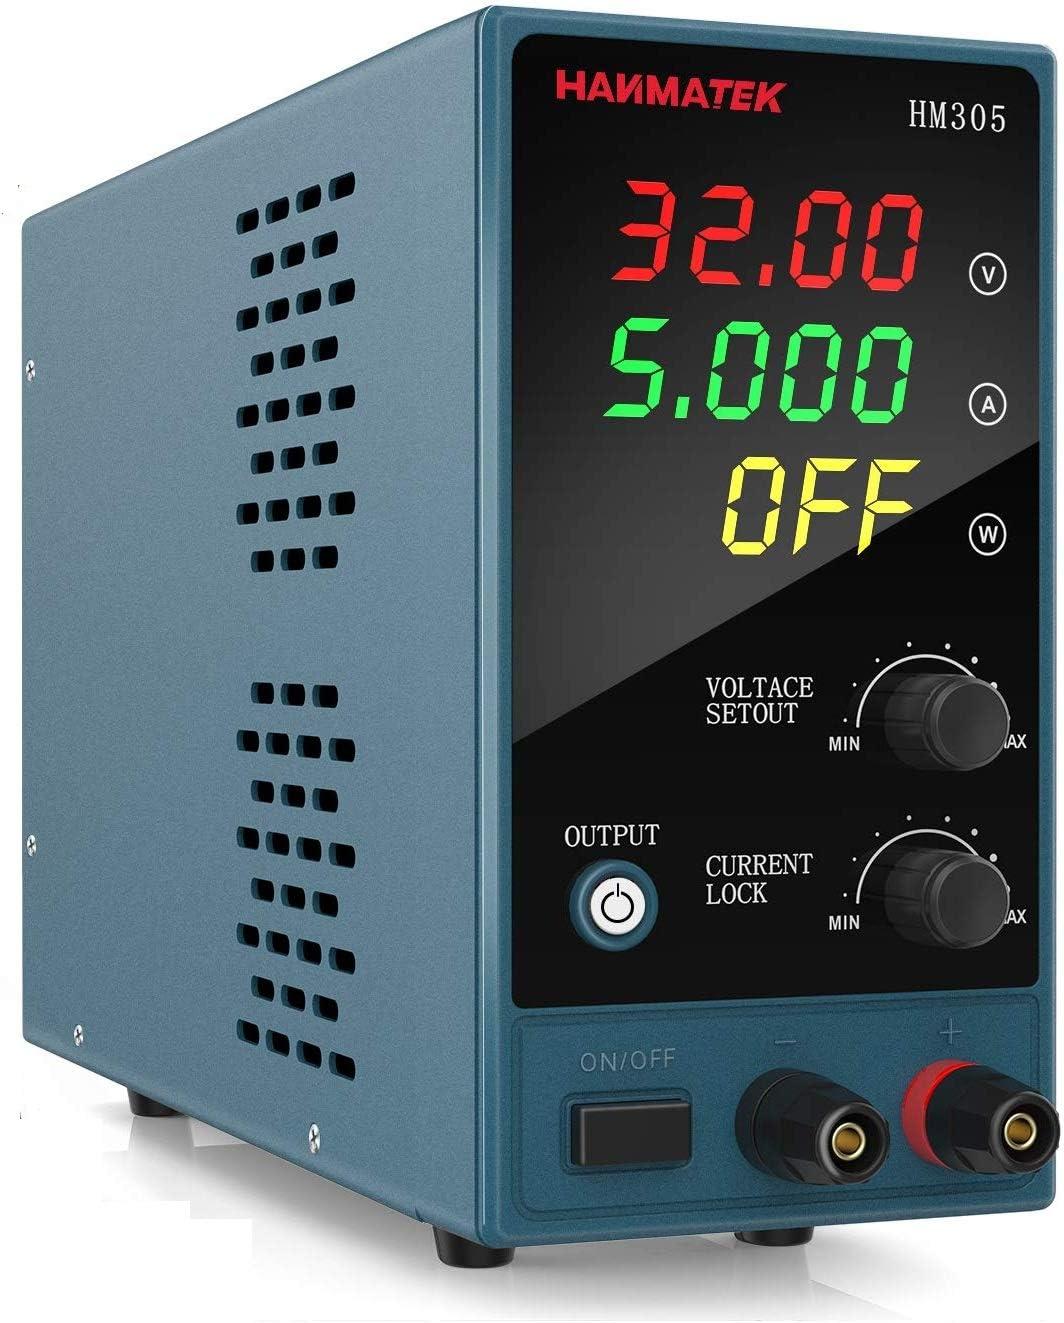 Fuentes de Alimentación Regulables, HANMATEK HM305 Fuentes de Alimentación Laboratorio DC Variable 30 V / 5 A, LED Display de 4 Dígitos, Para Laboratorio, Hogar, Reparación General